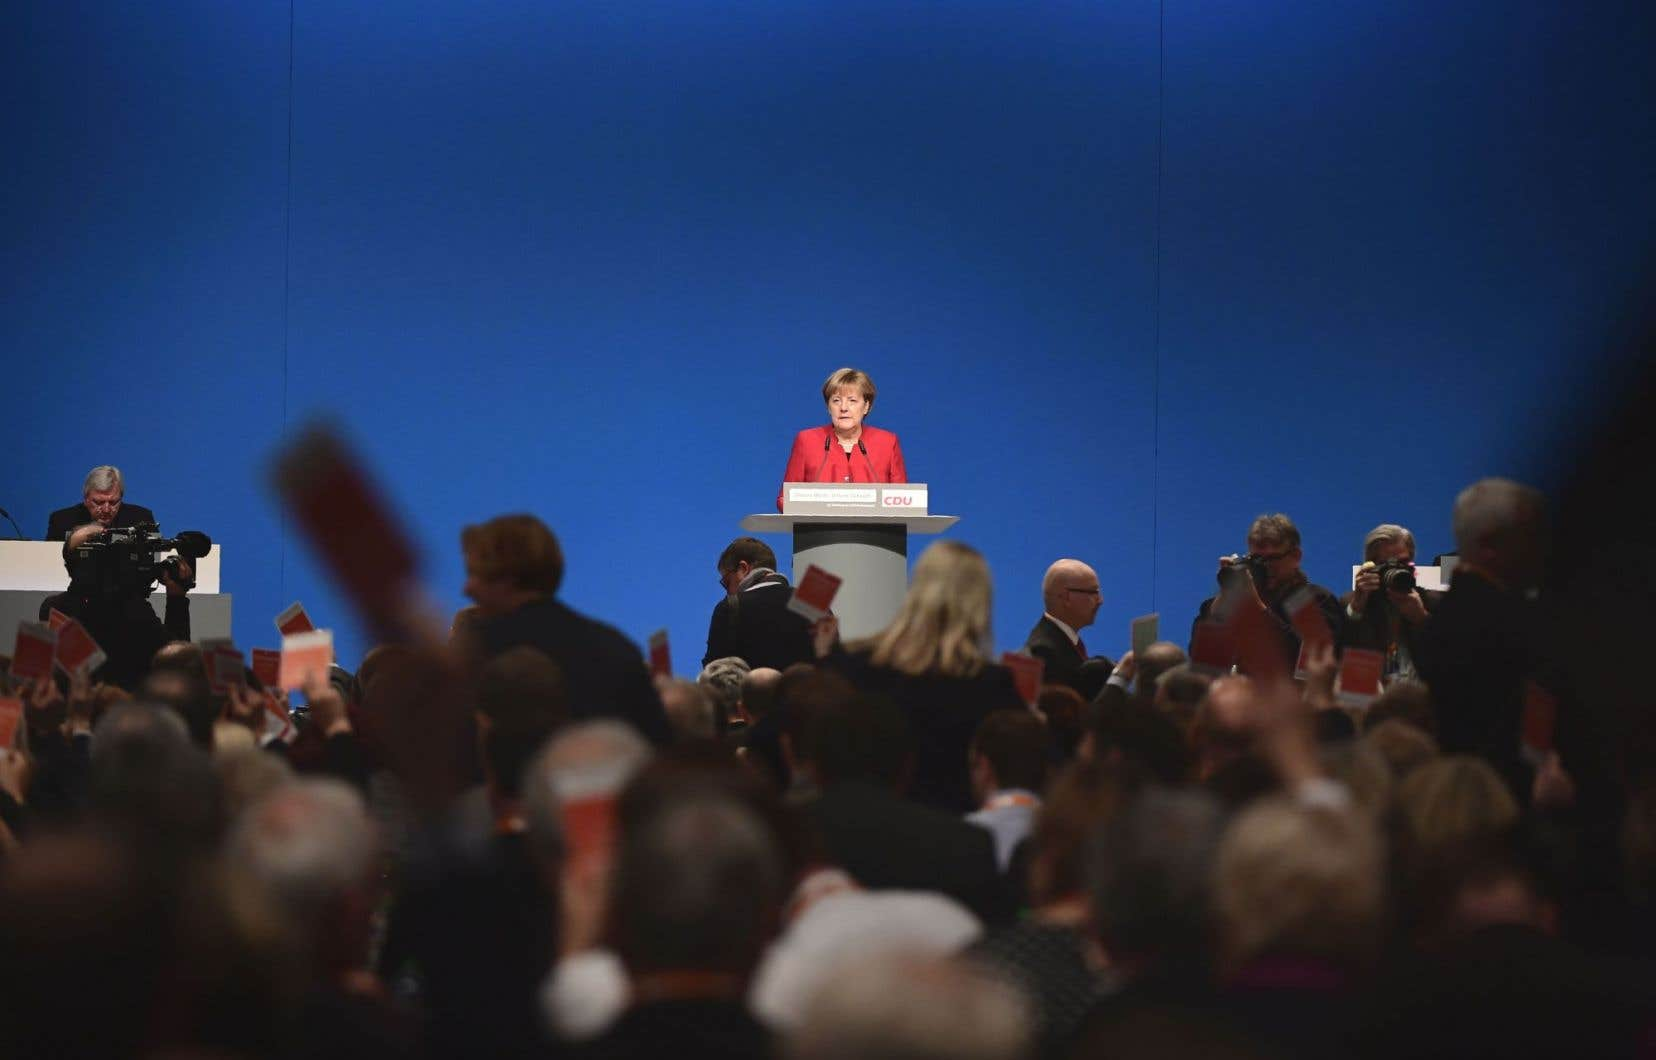 Depuis des mois, les sondages donnent gagnante Angela Merkel avec une confortable avance devant son adversaire social-démocrate, Martin Schulz.